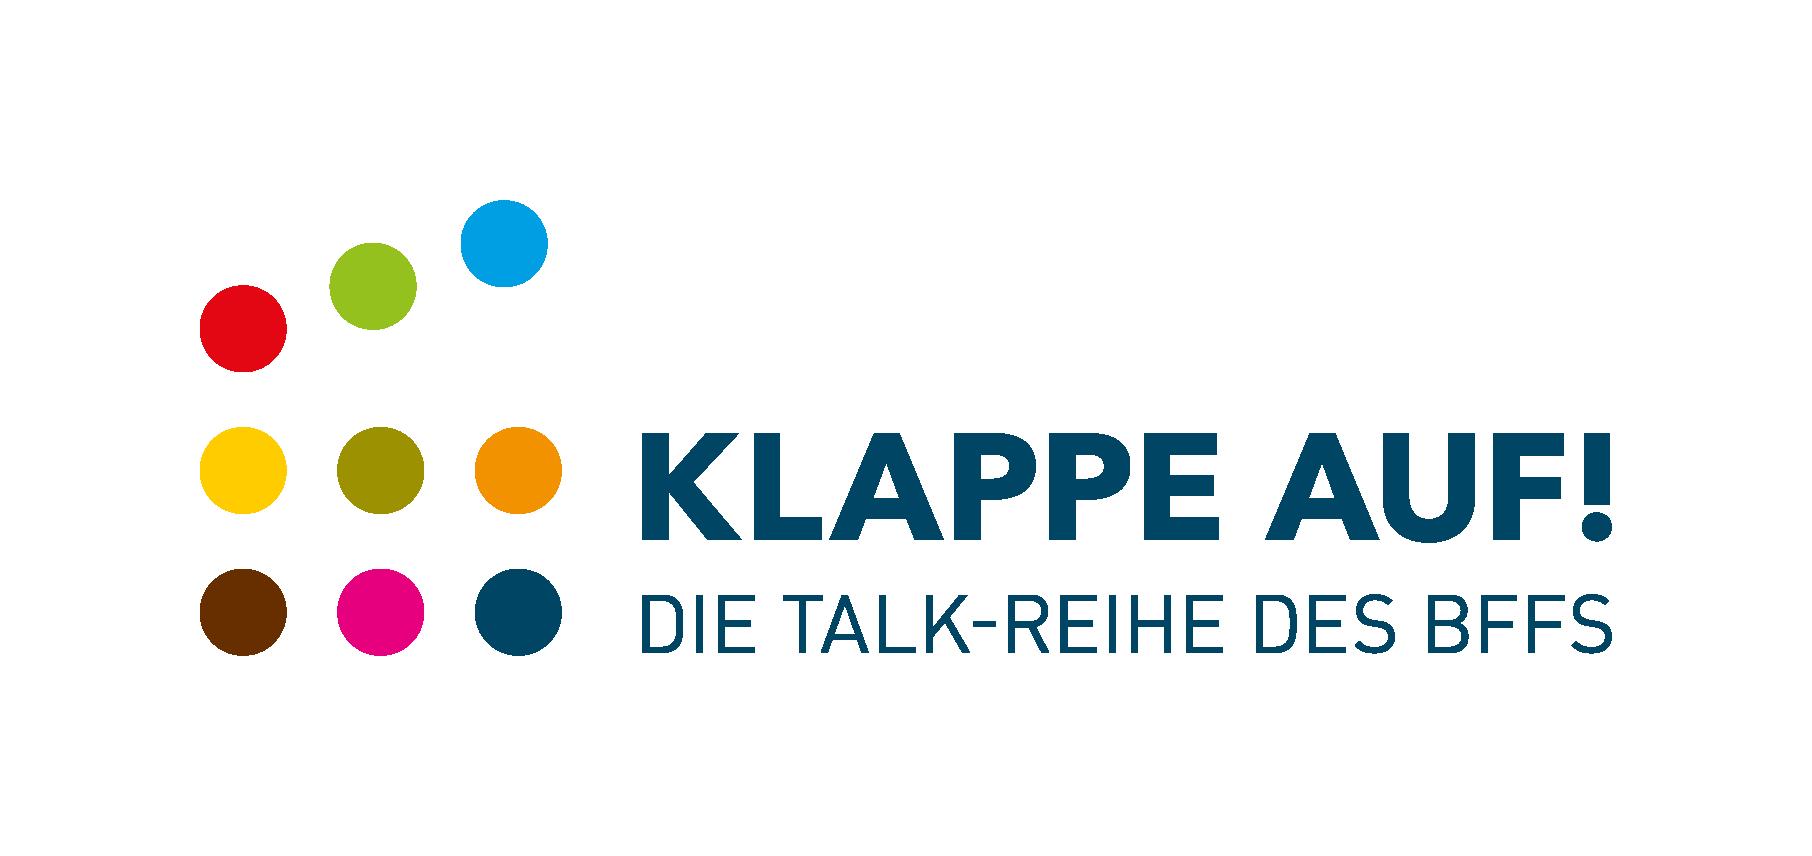 Max Zähle & Marion Gretchen Schmitz / BFFS Klappe Auf! Hamburg 2018 | Klappe auf!